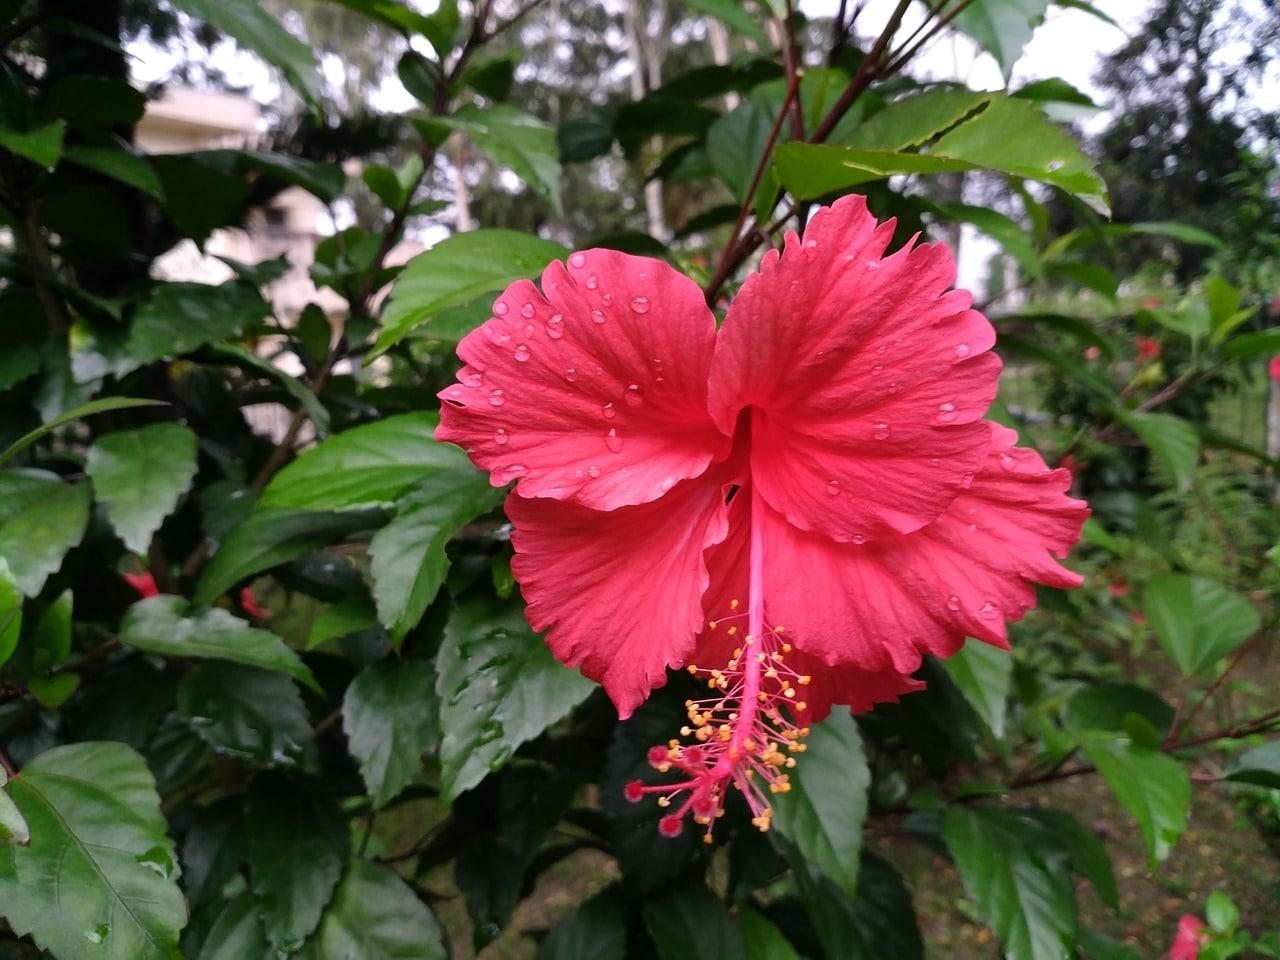 El hibisco rosa sinensis es un arbusto que florece en primavera y verano